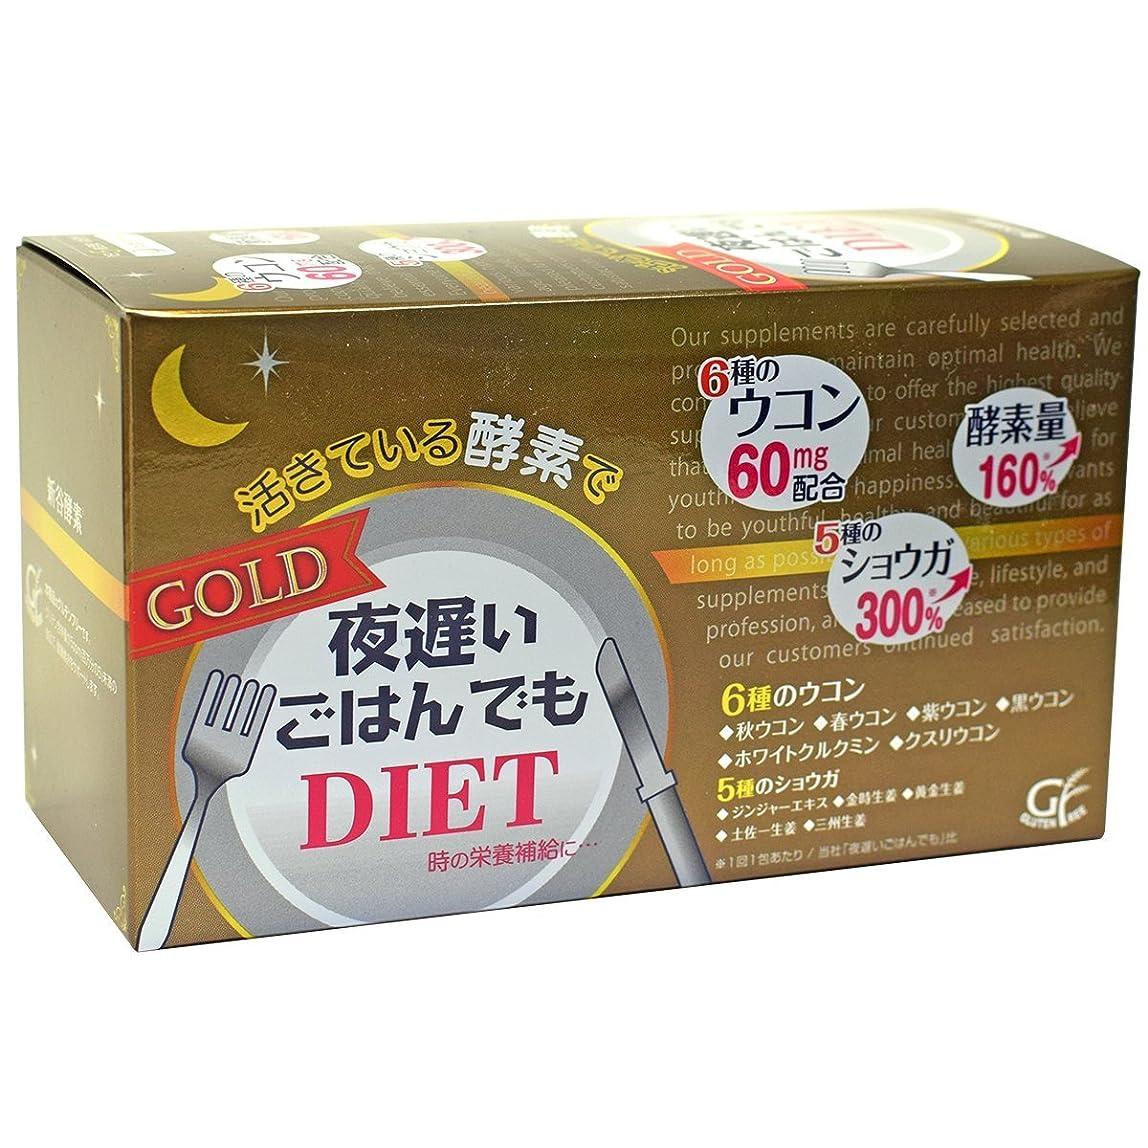 壁ただやる無関心新谷酵素 夜遅いごはんでも GOLD 30包入